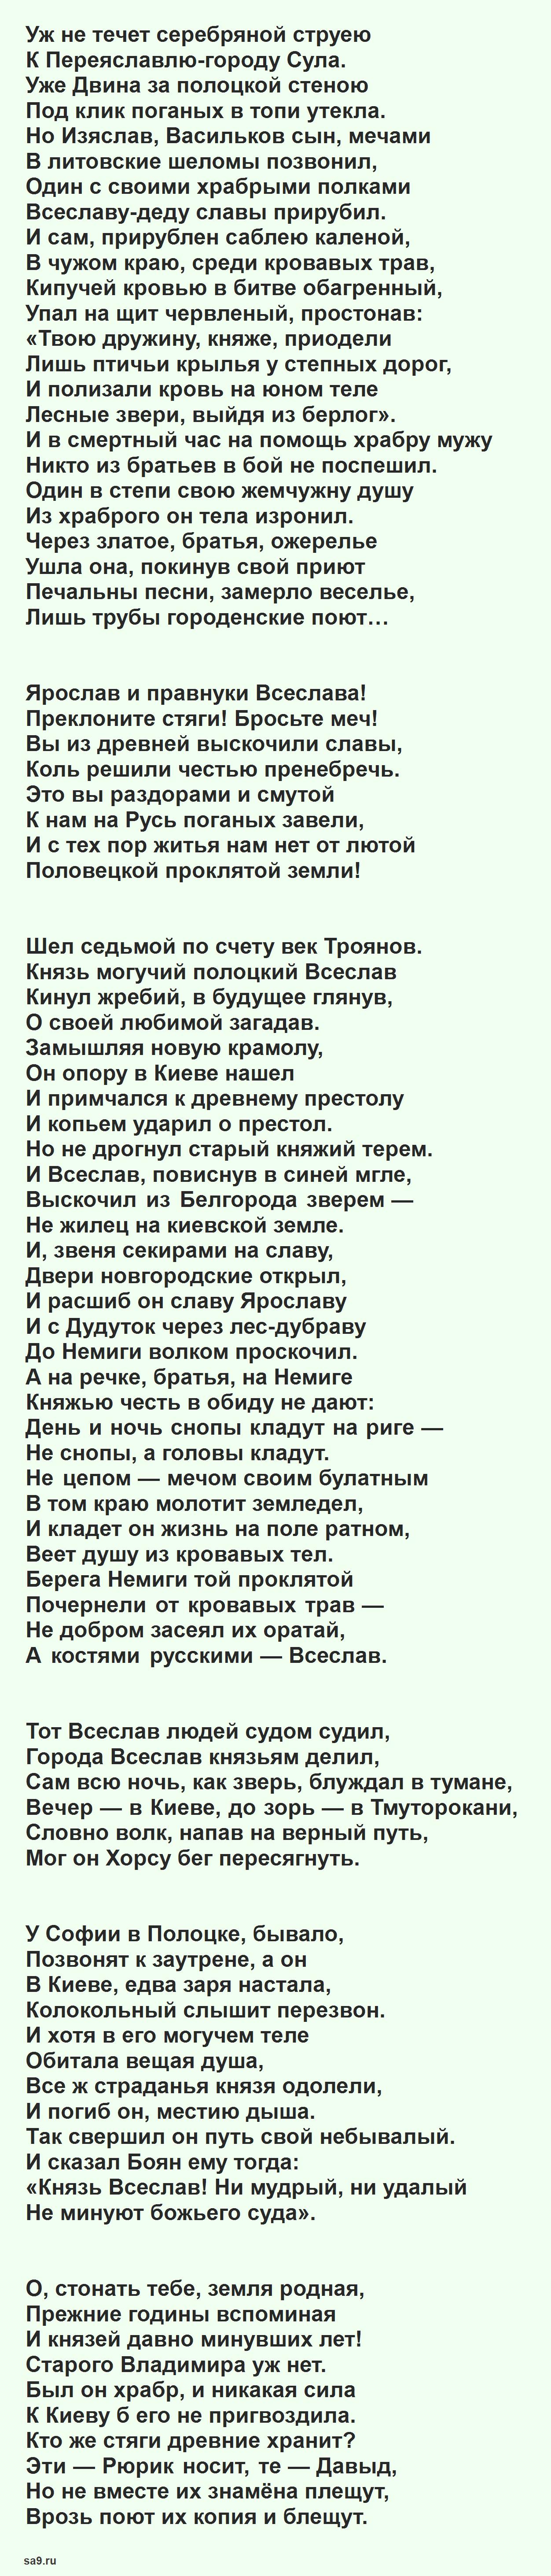 Читать полностью произведение Жуковского - Слово о полку Игореве